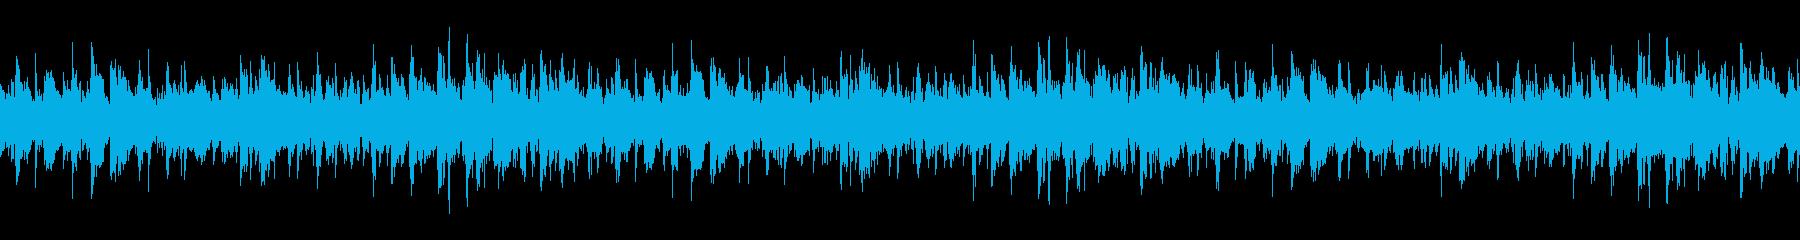 生演奏、ジャングル的民族打楽器ループの再生済みの波形